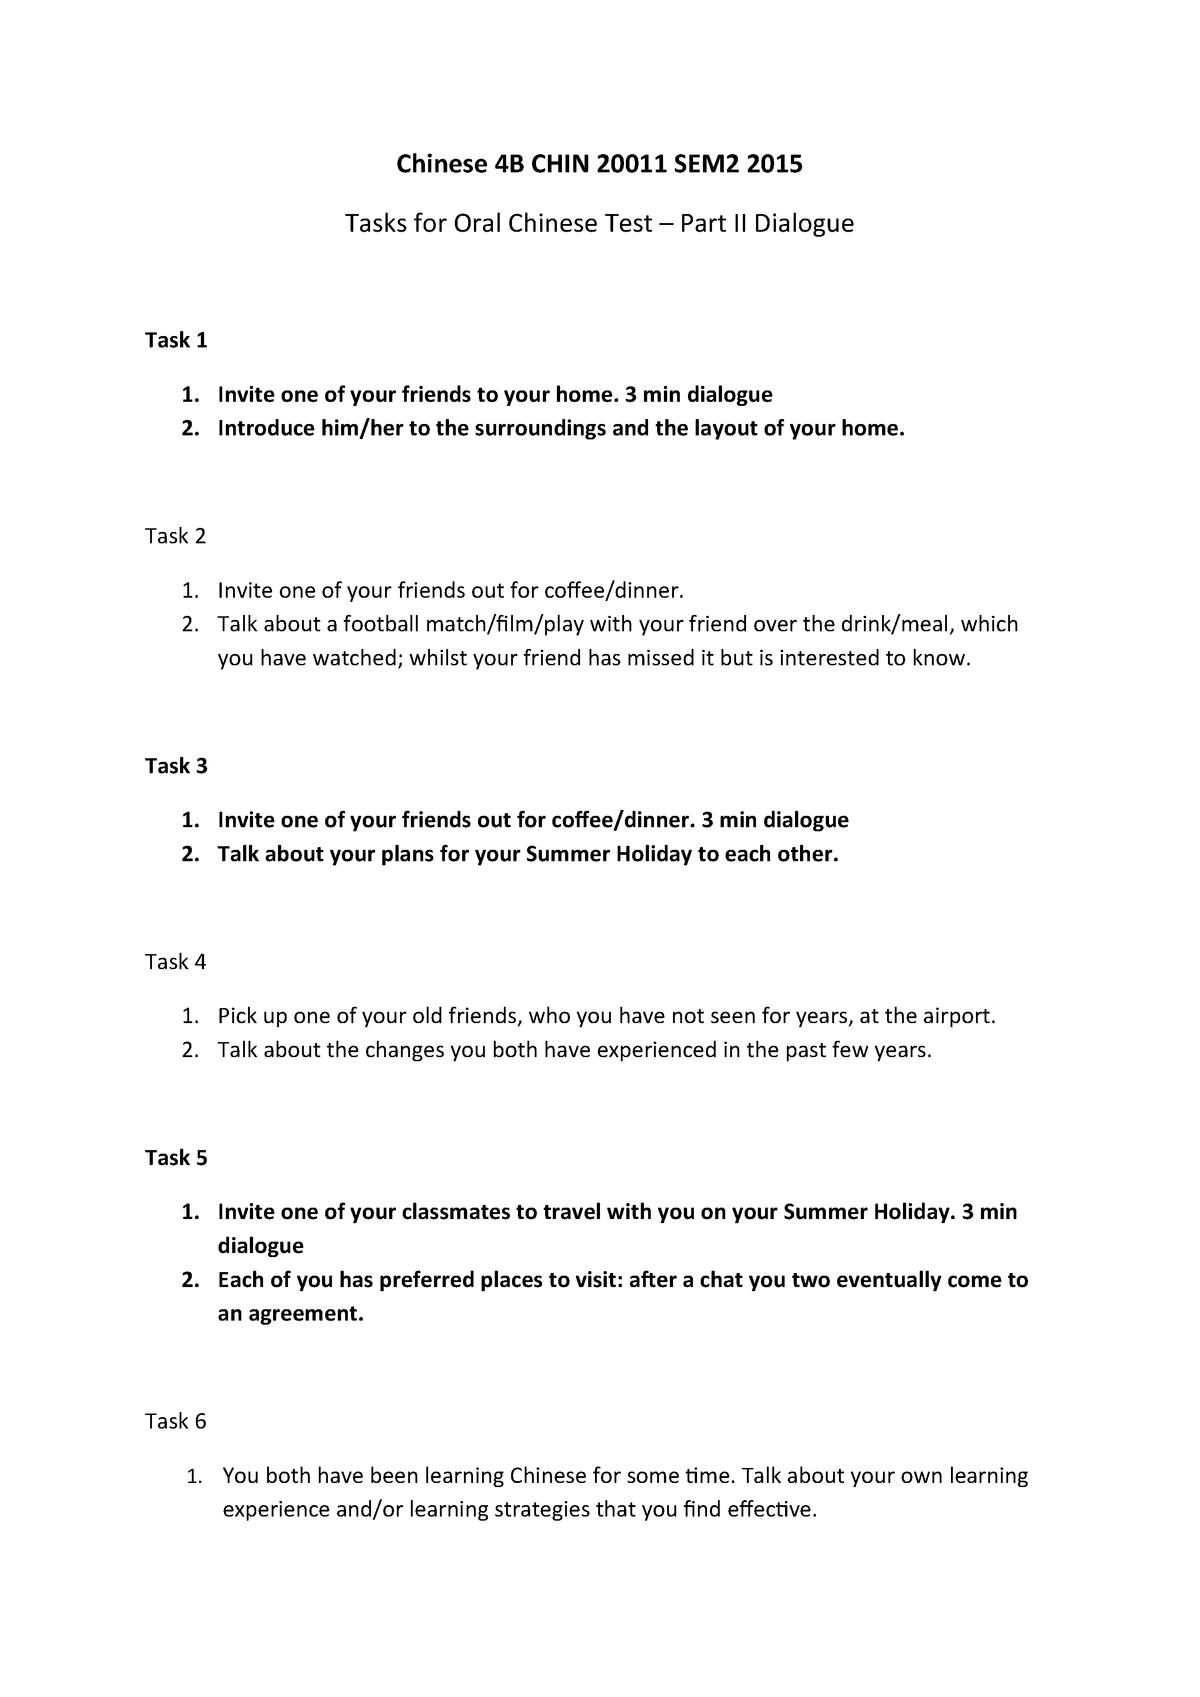 Exam 2015 - CHIN20011: Chinese 4B - StuDocu